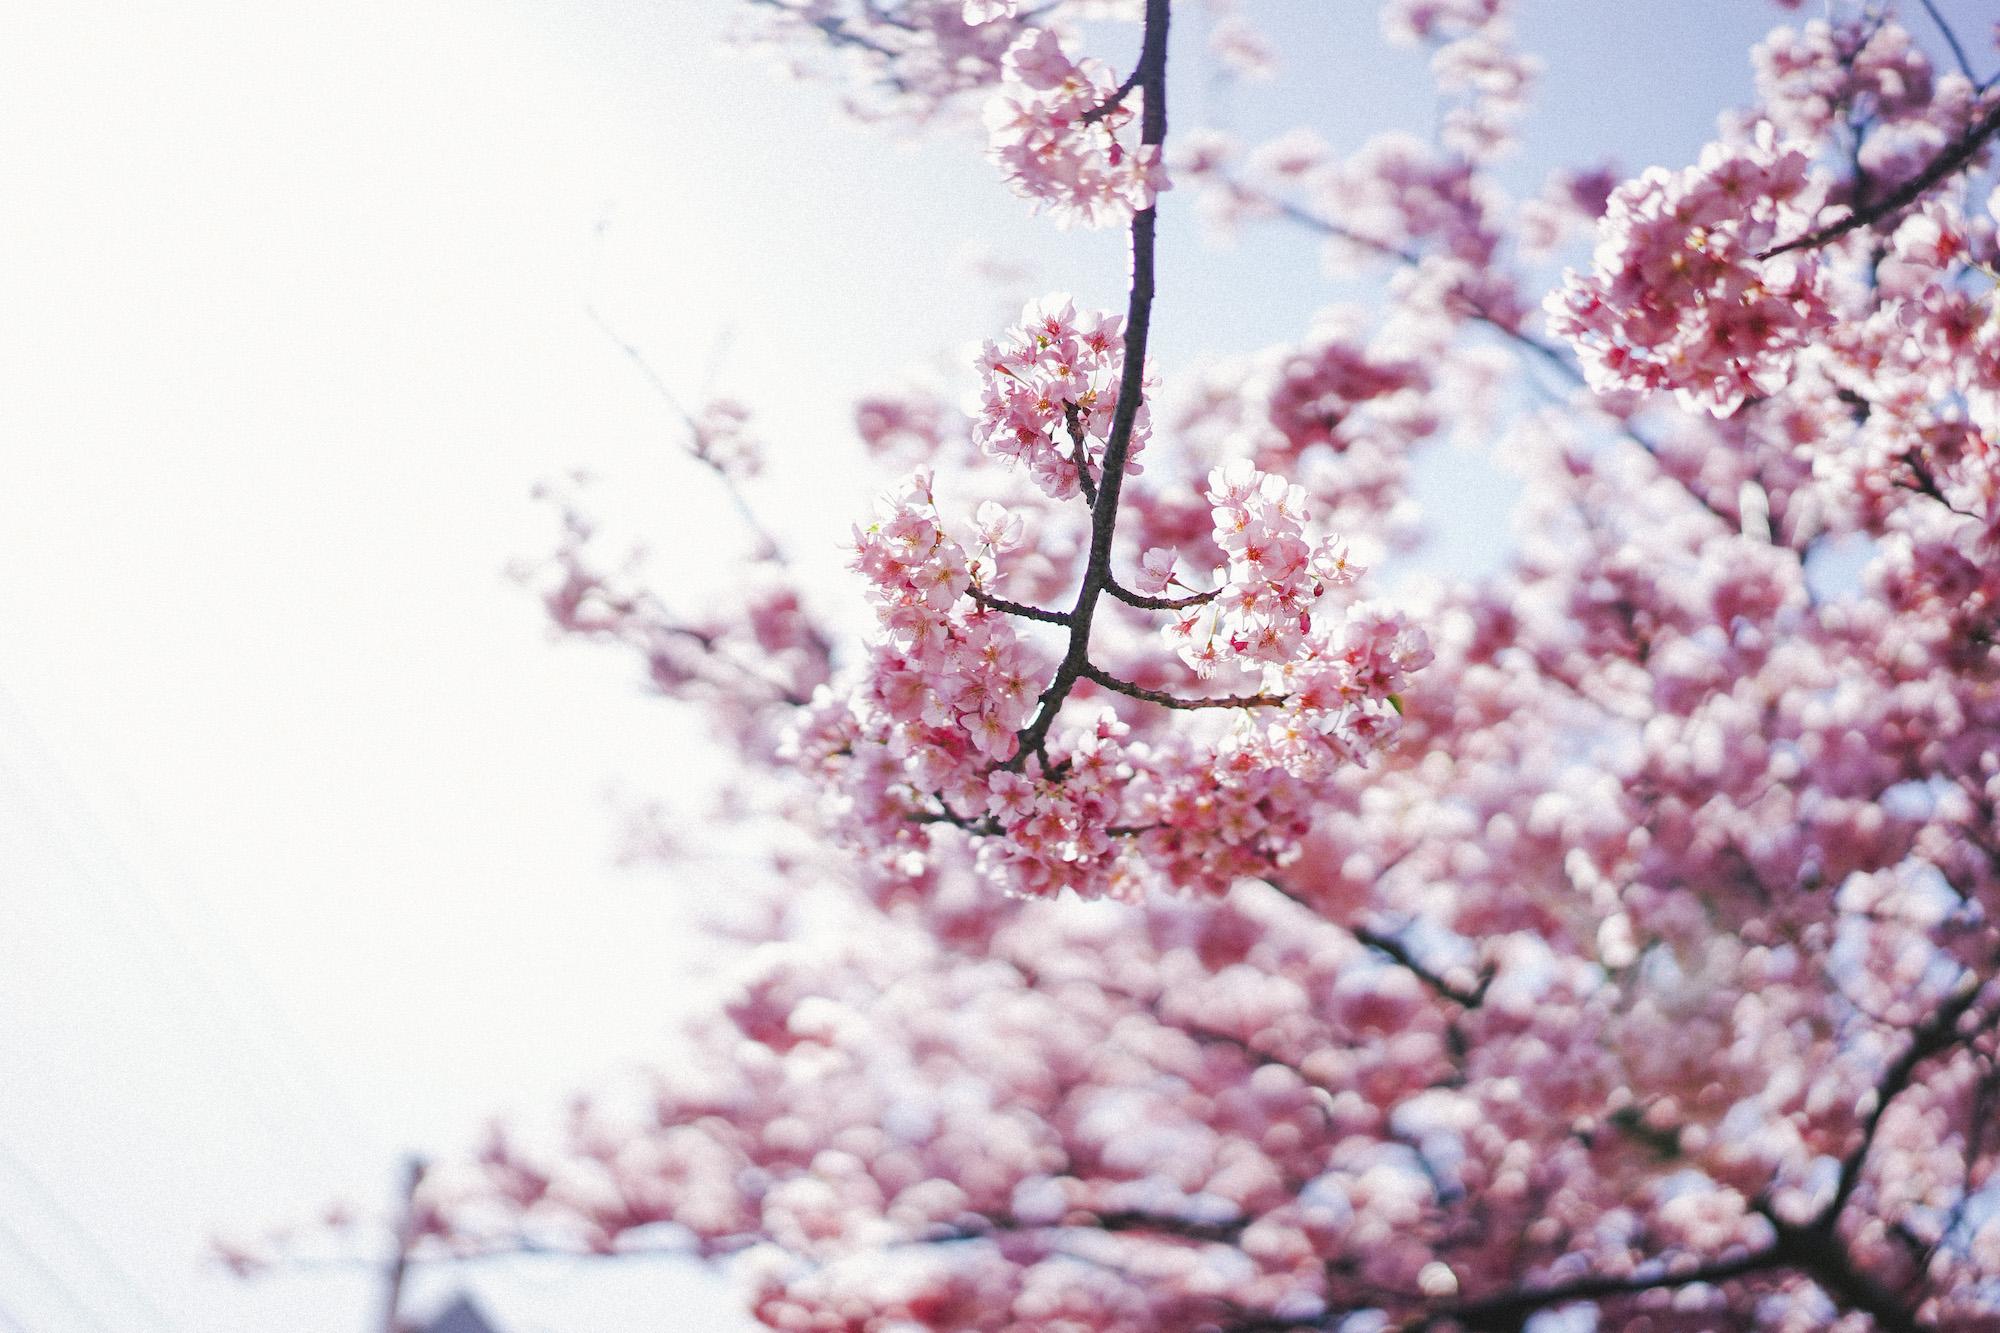 1000本桜と菜の花の絶景!三浦海岸桜まつり2020 現地レポート